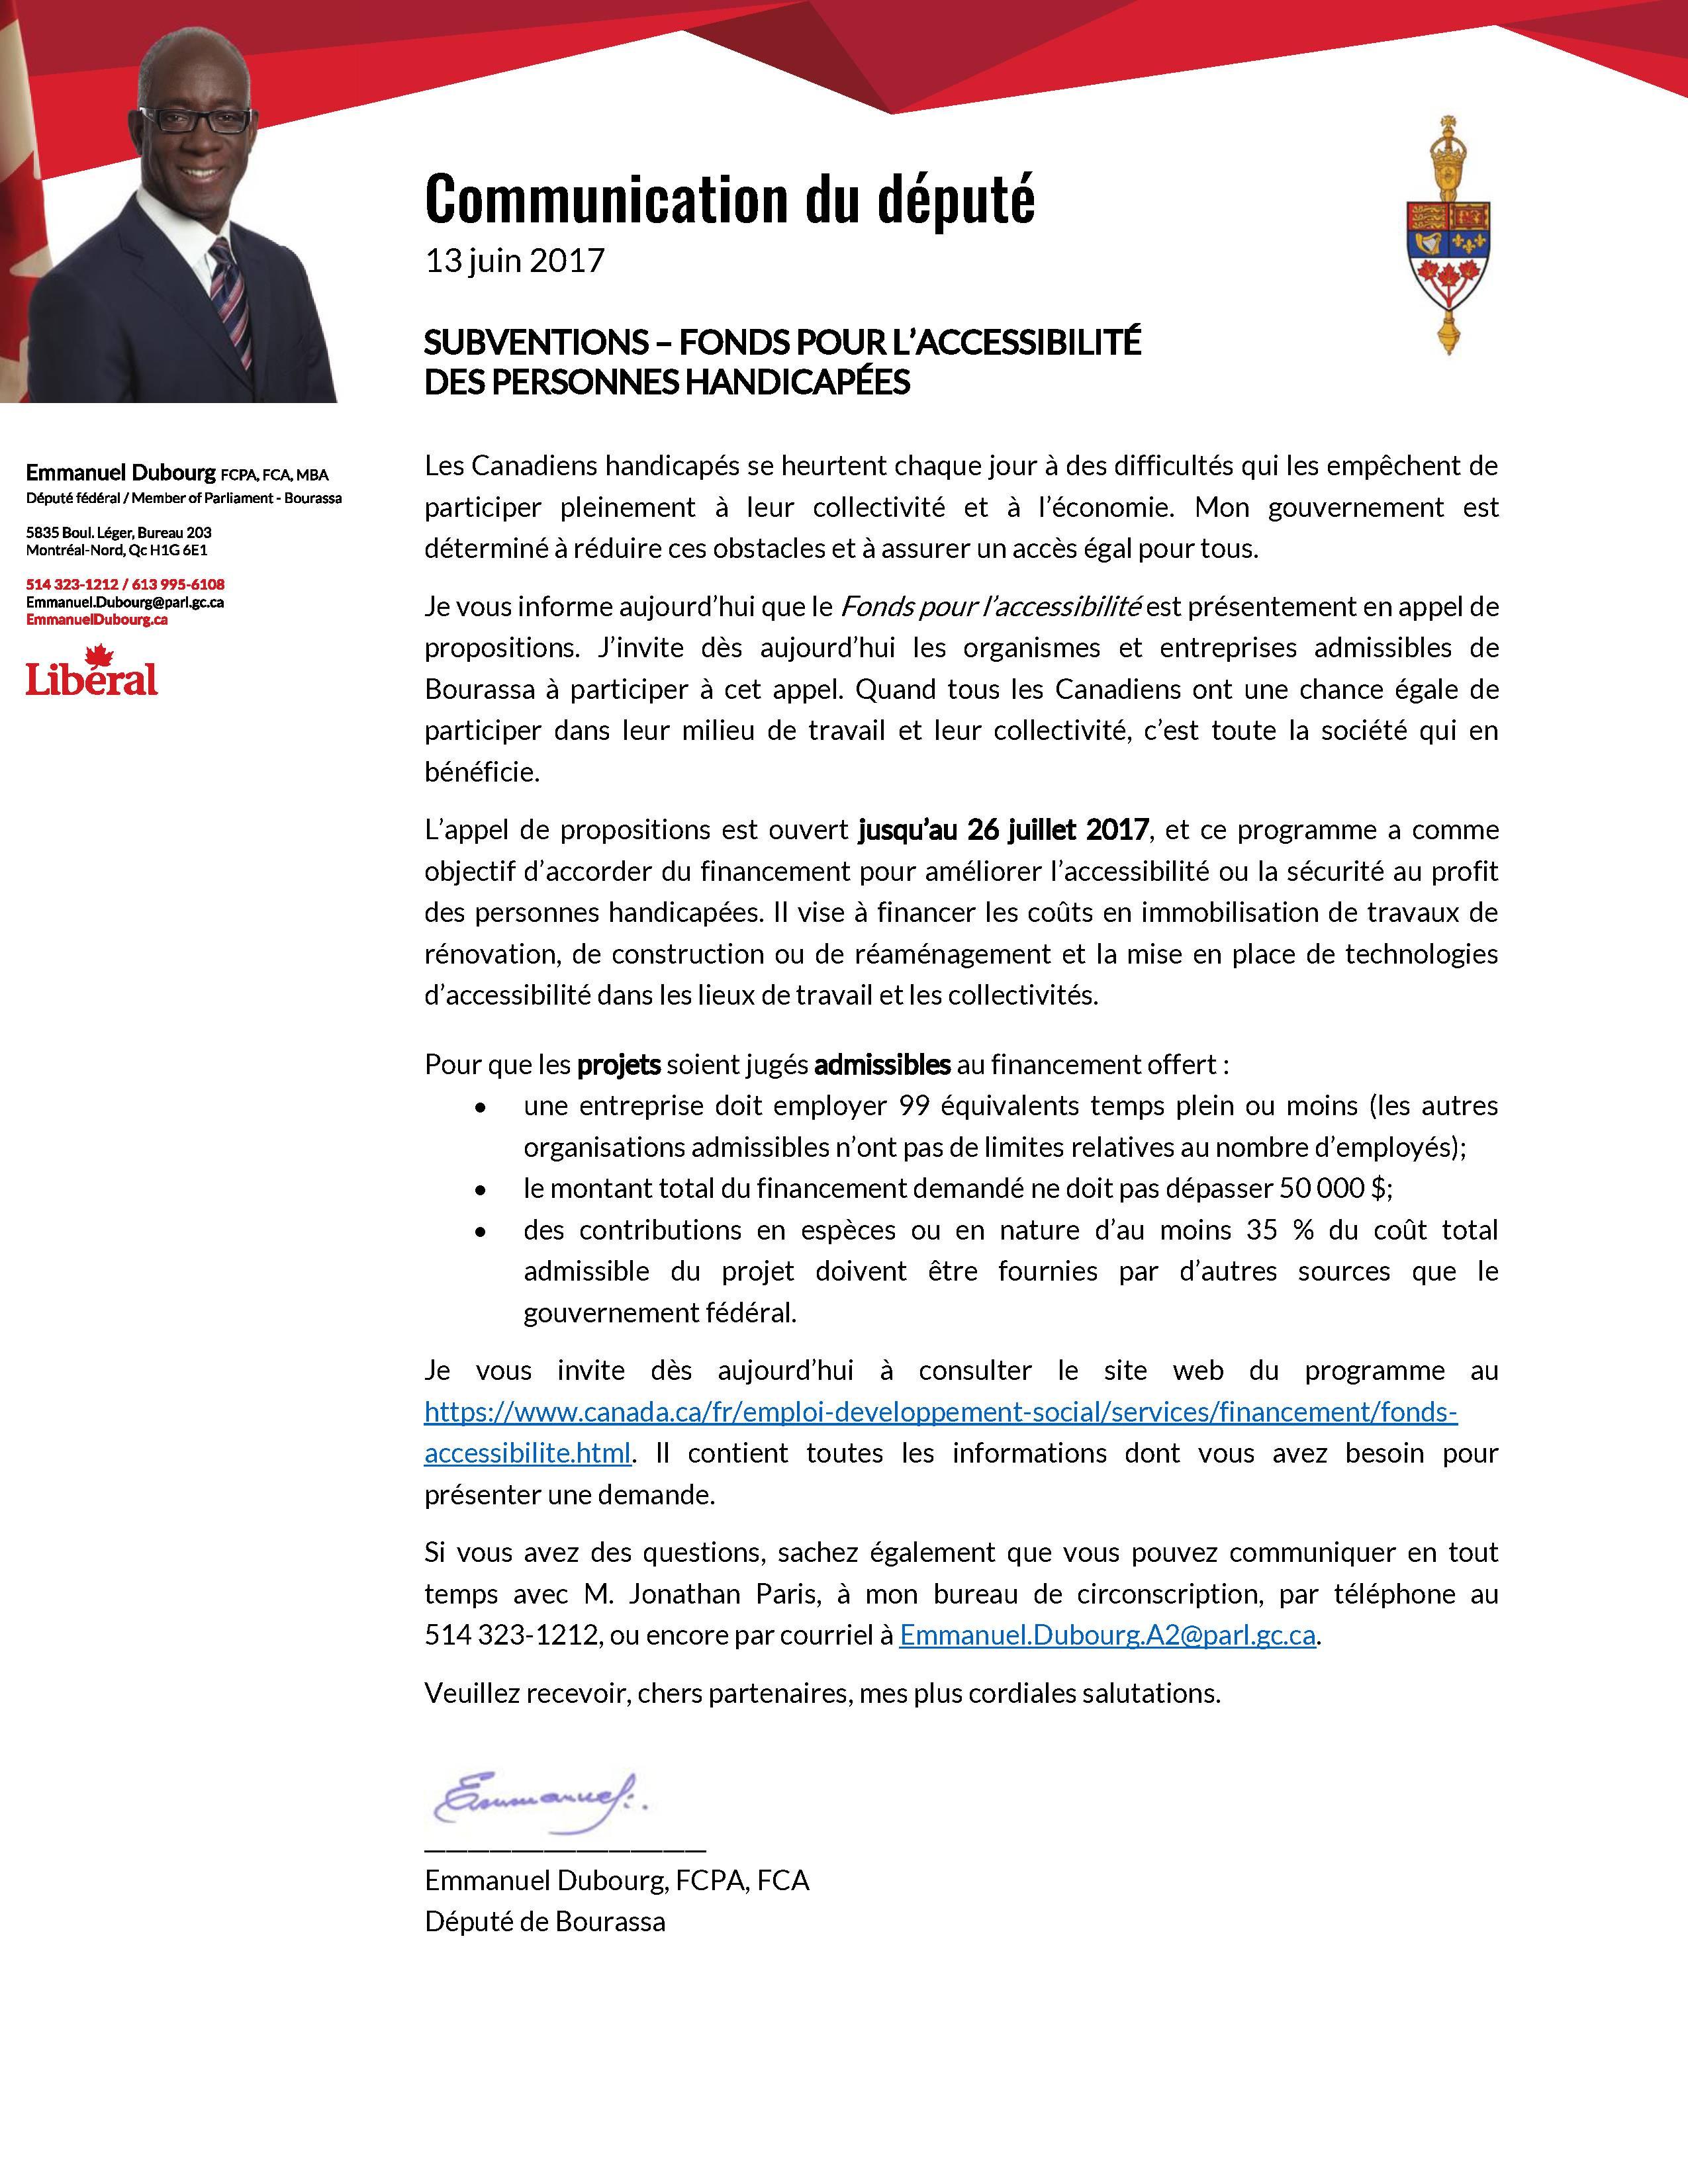 Communiqué du député Monsieur Dubourd